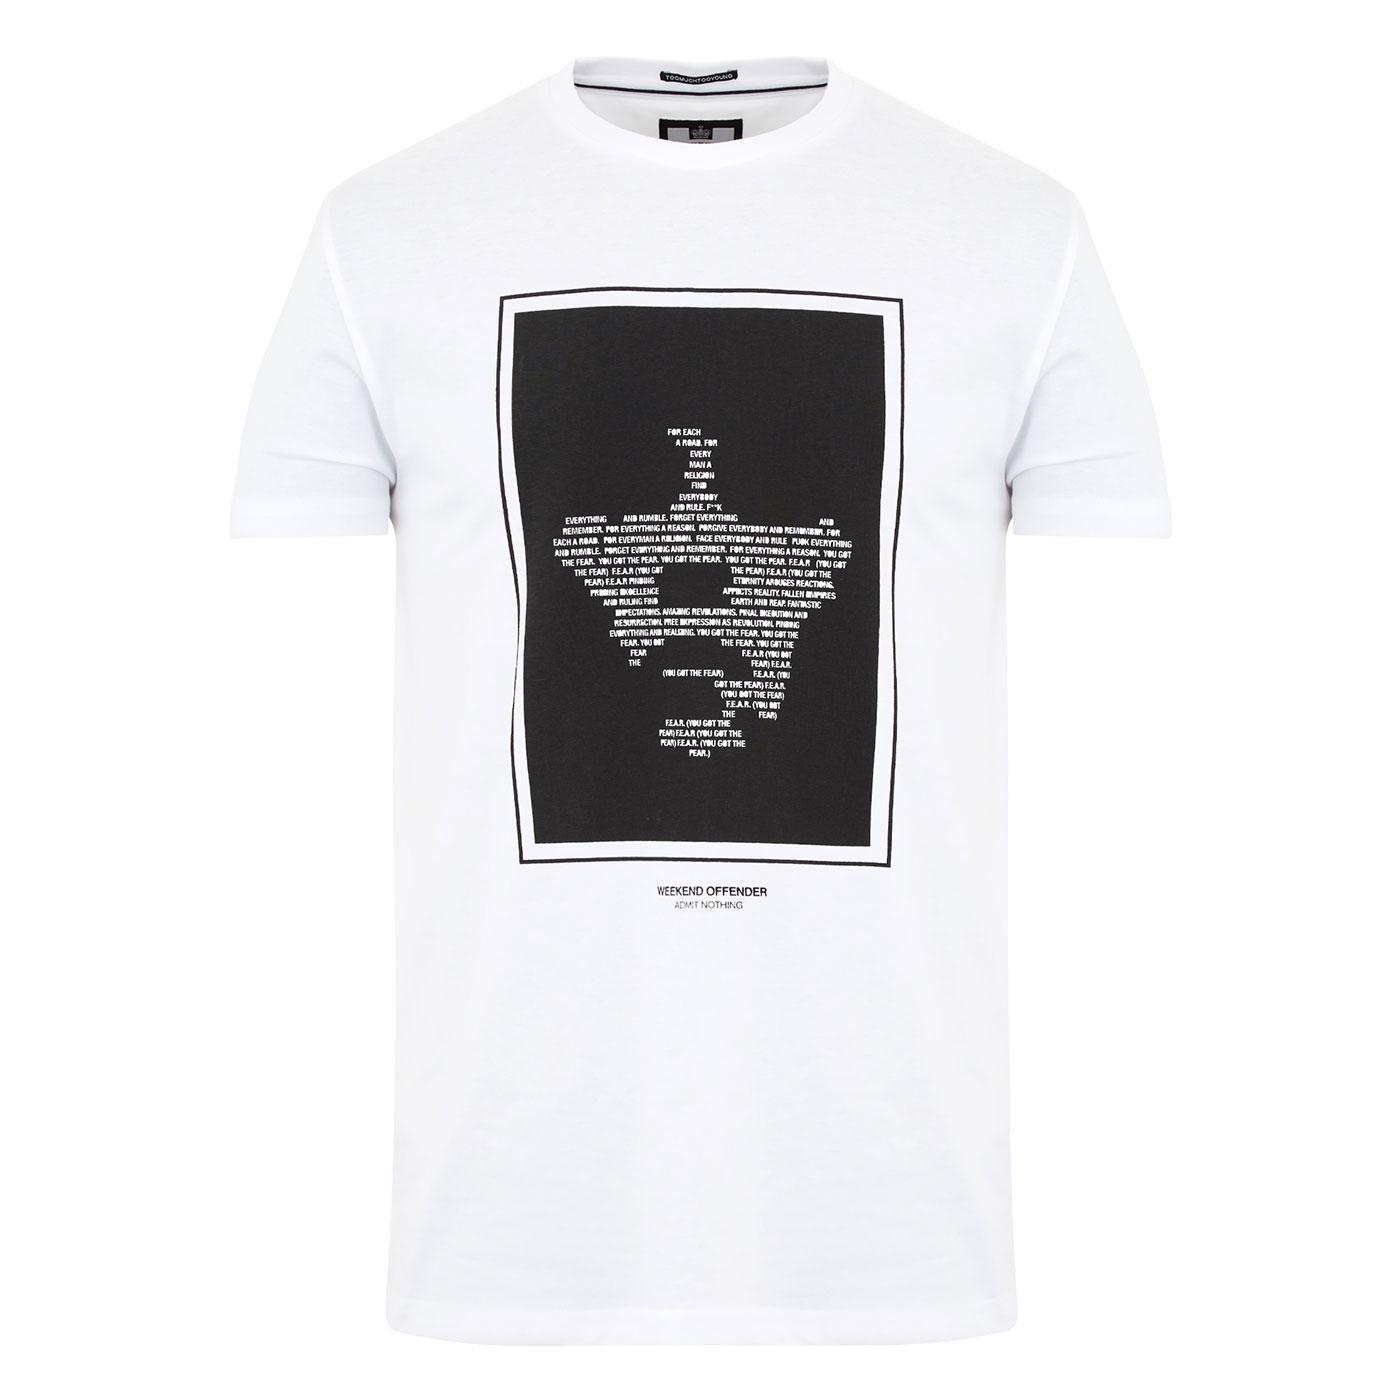 F.E.A.R. WEEKEND OFFENDER Ian Brown Lyric T-Shirt